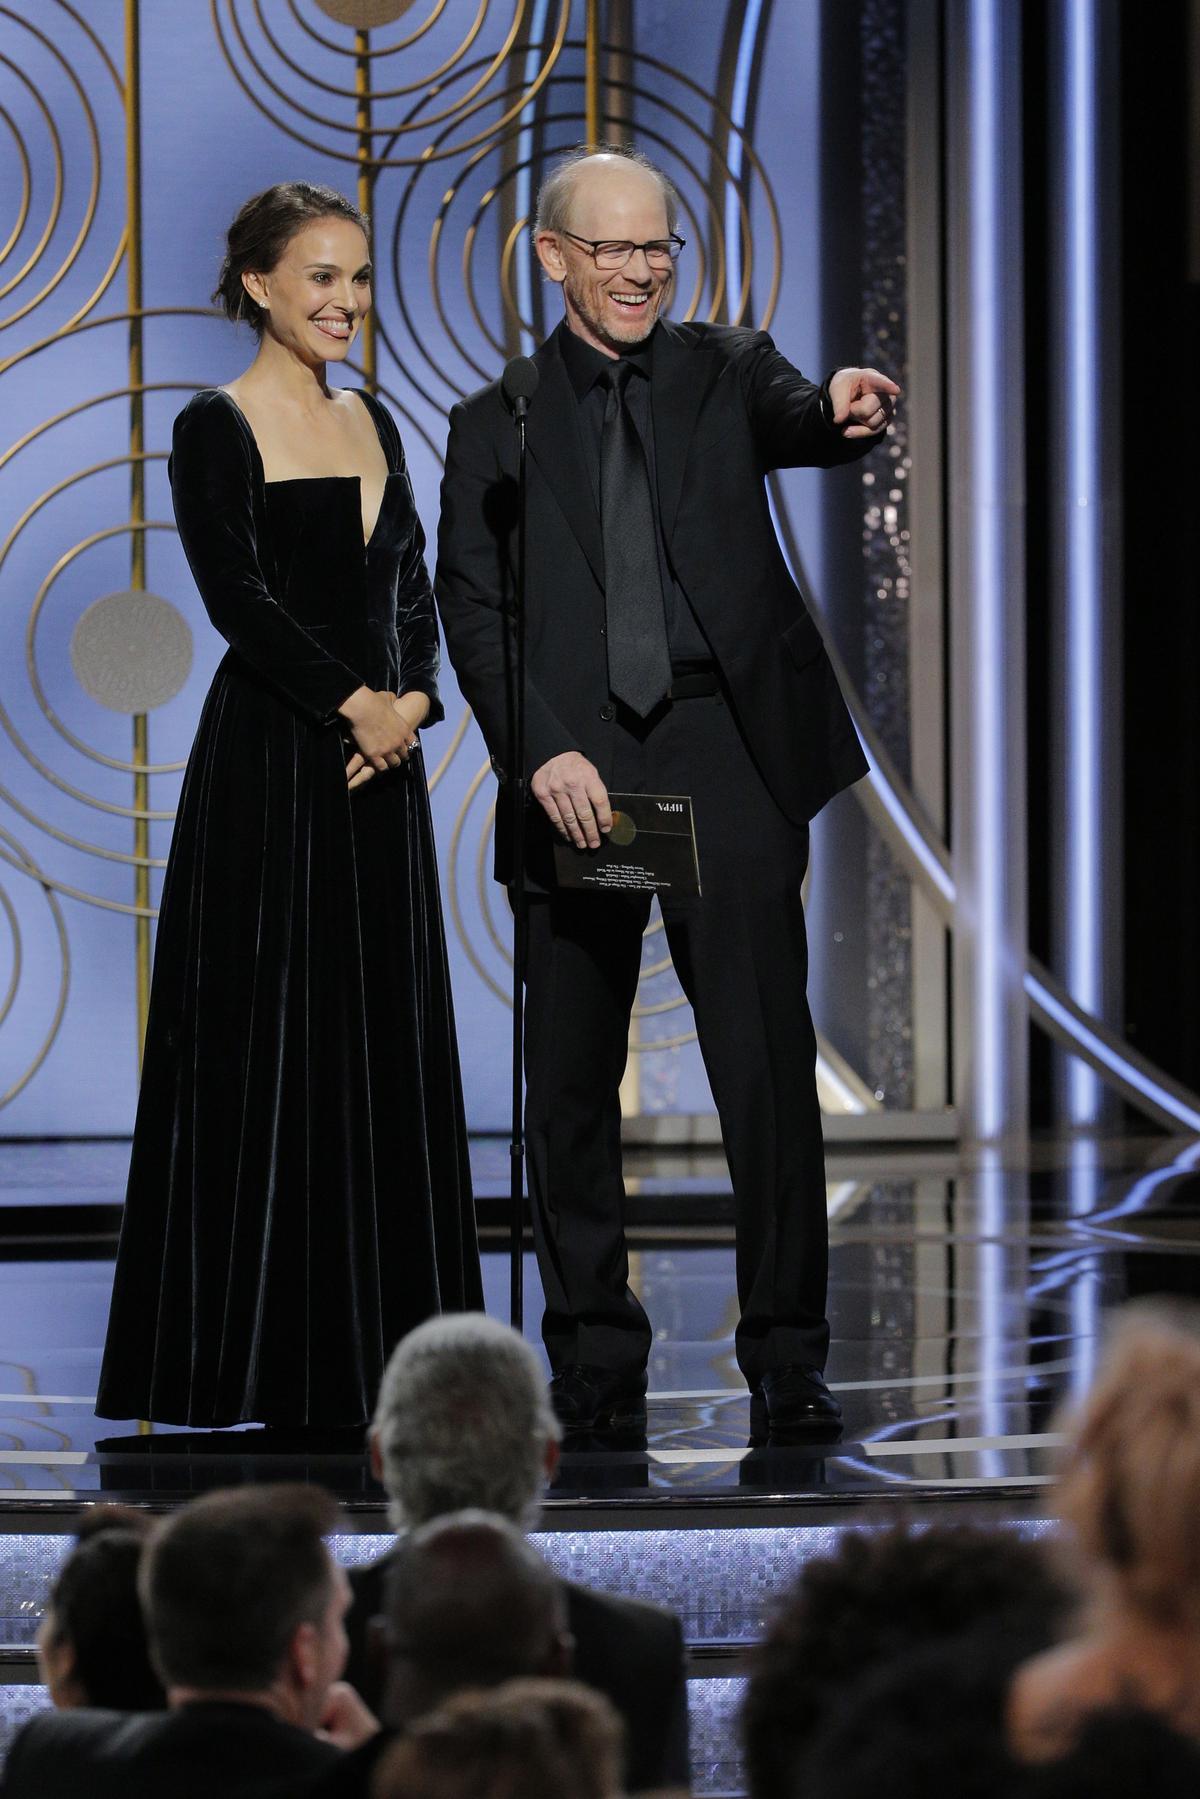 娜塔莉波曼(左)與導演朗霍華一起頒發最佳導演獎時,她故意說:「以下是所有入圍的『男』導演」,凸顯好萊塢的性別差異。(東方IC)